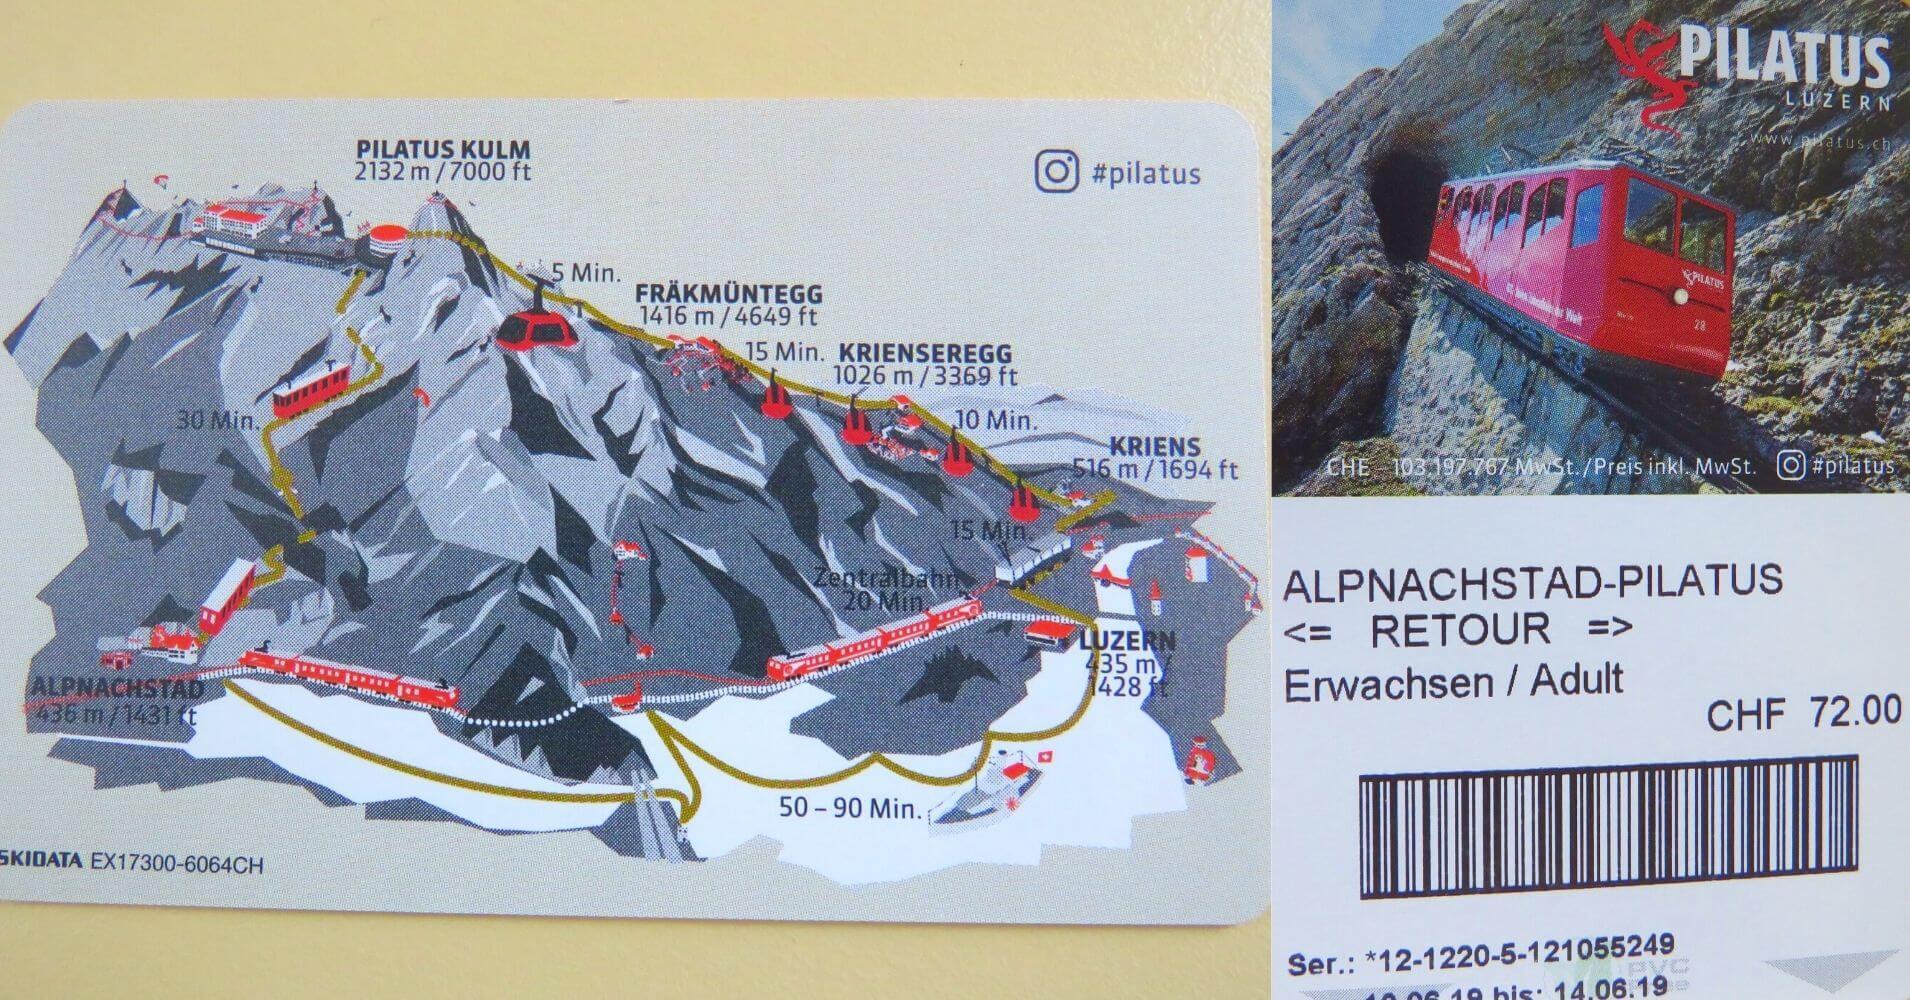 Entradas del Tren de Cremallera Monte Pilatus. Suiza.